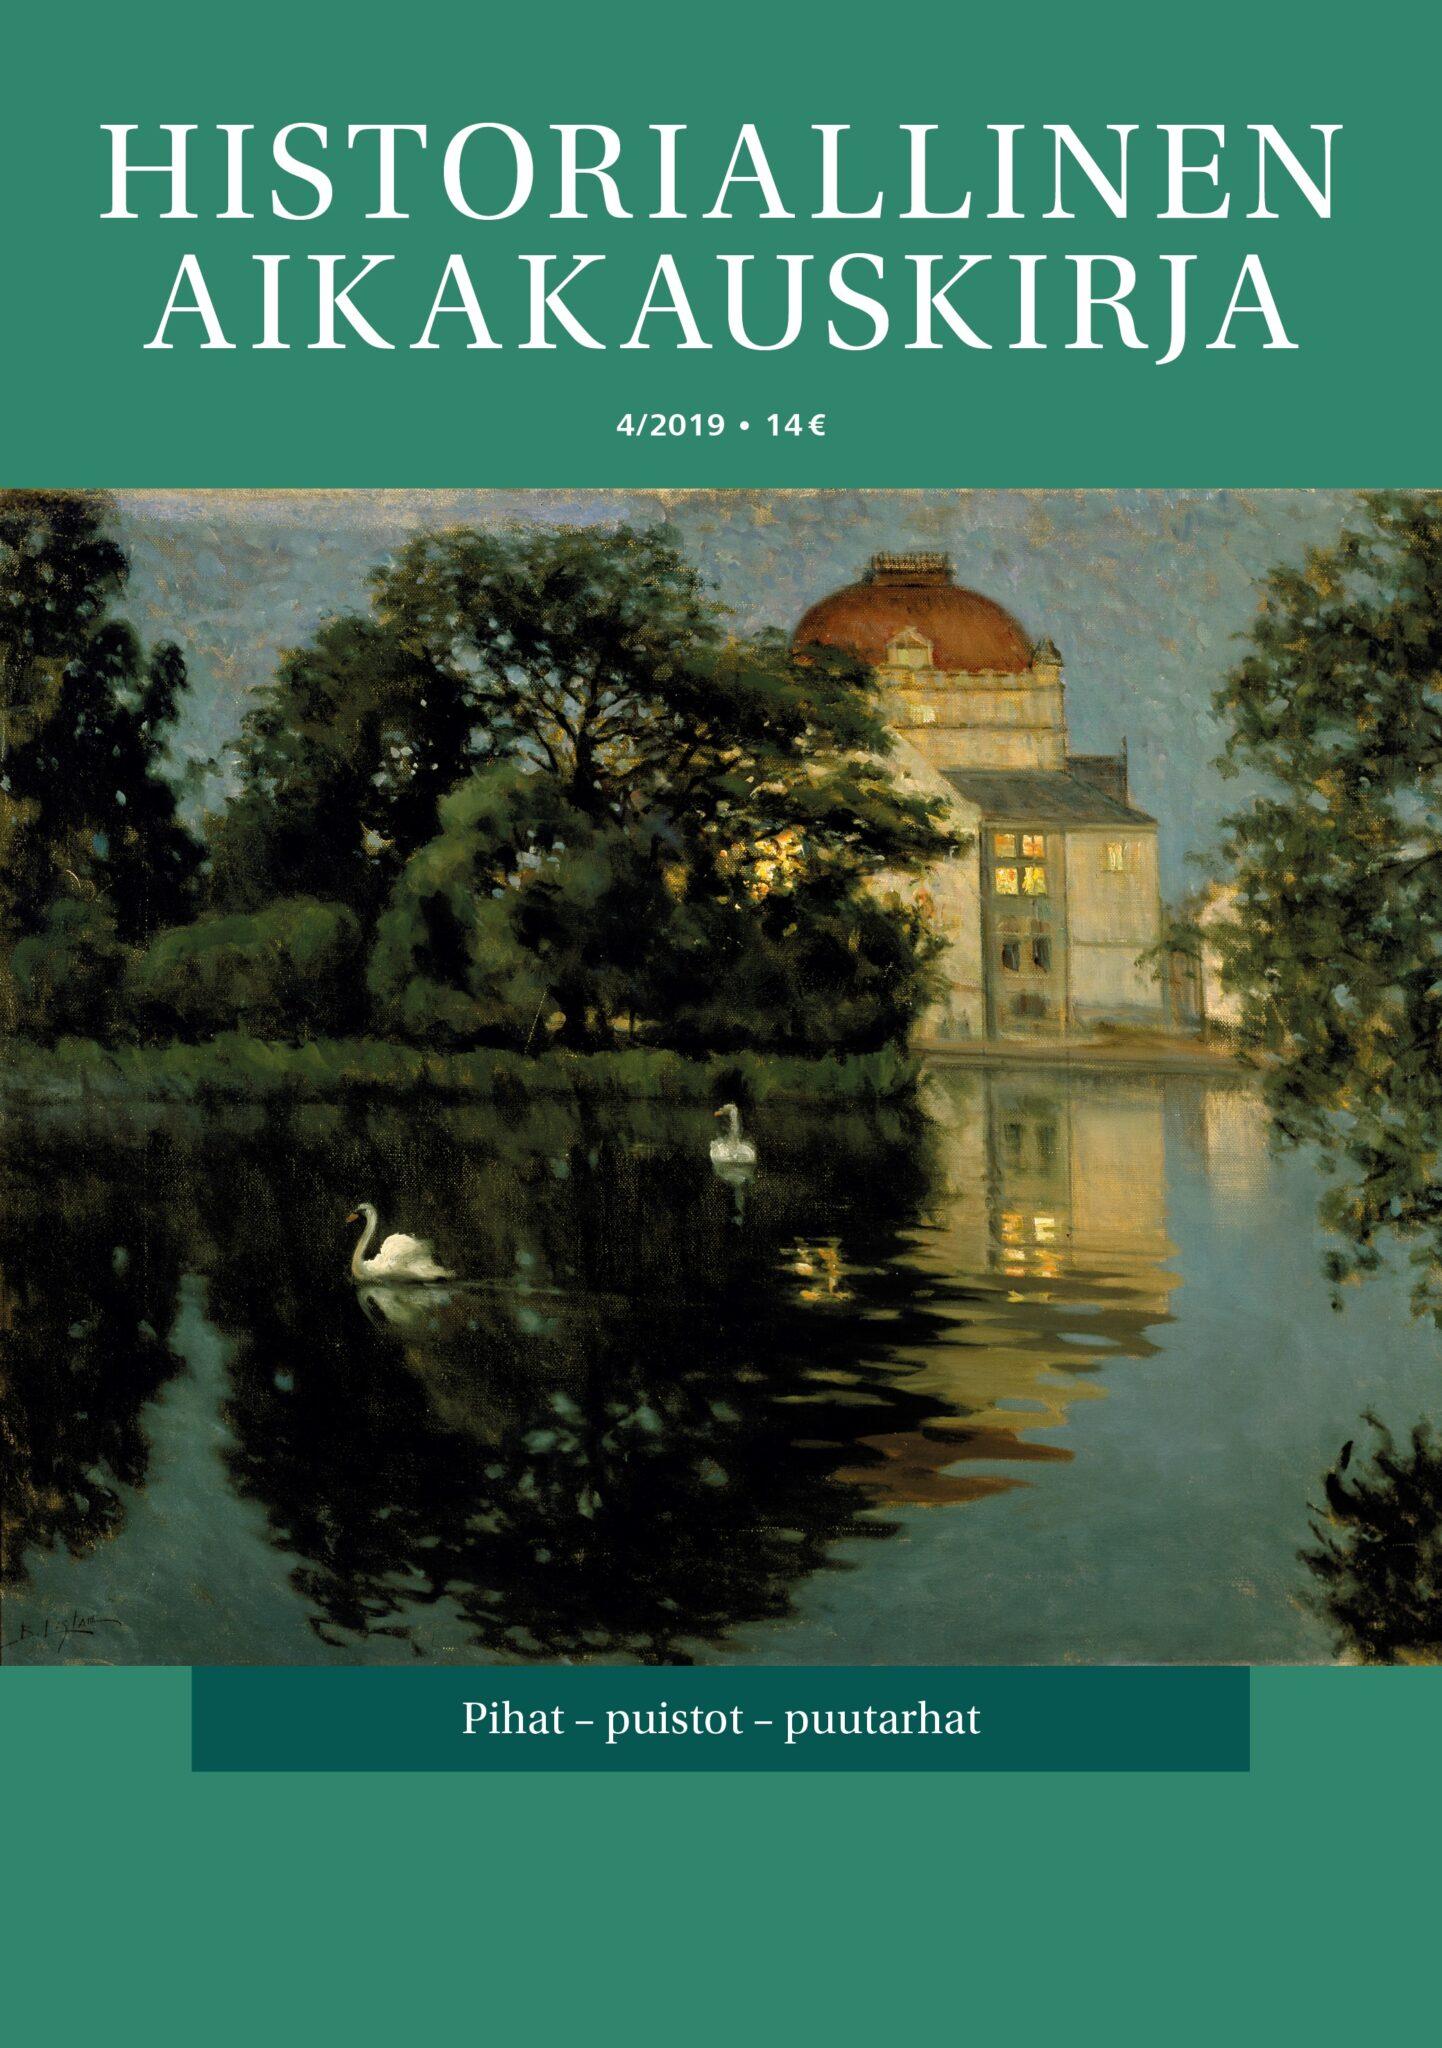 TILAA Historiallinen Aikakauskirja!